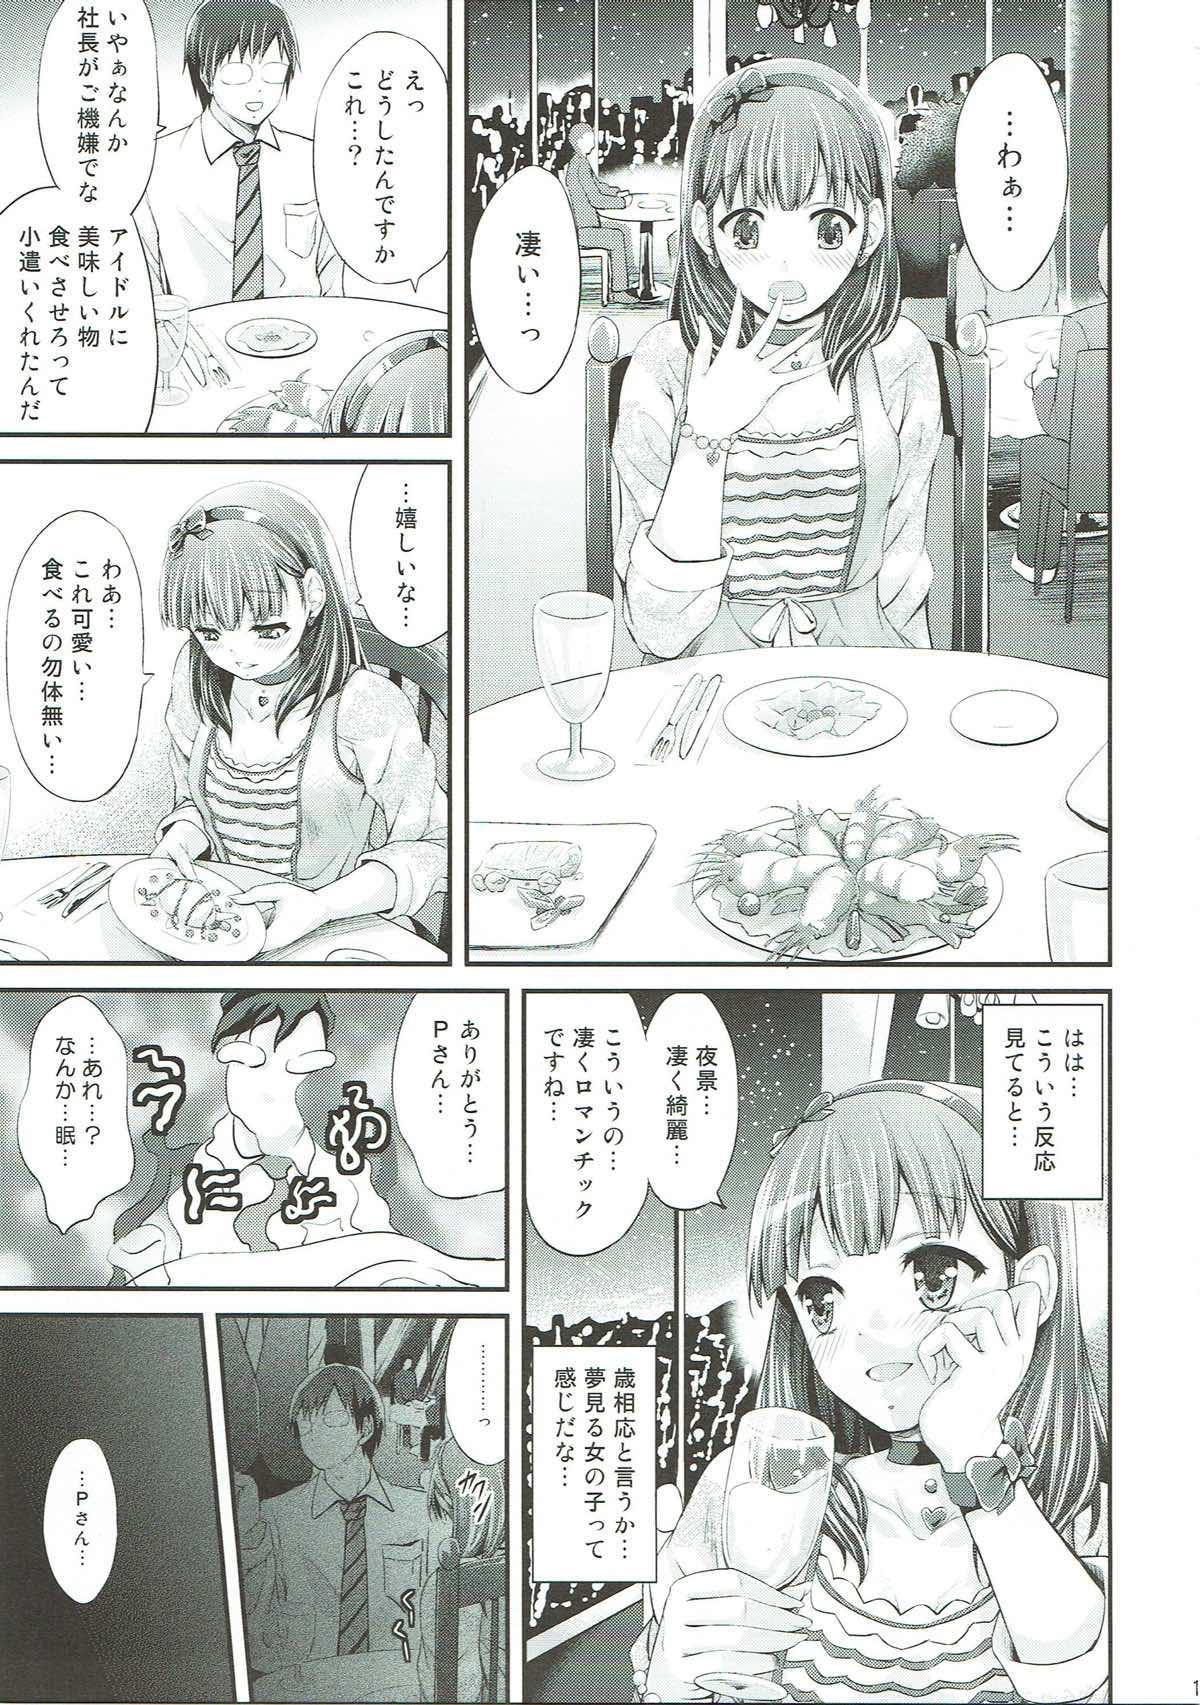 Bishindou Syndrome 11